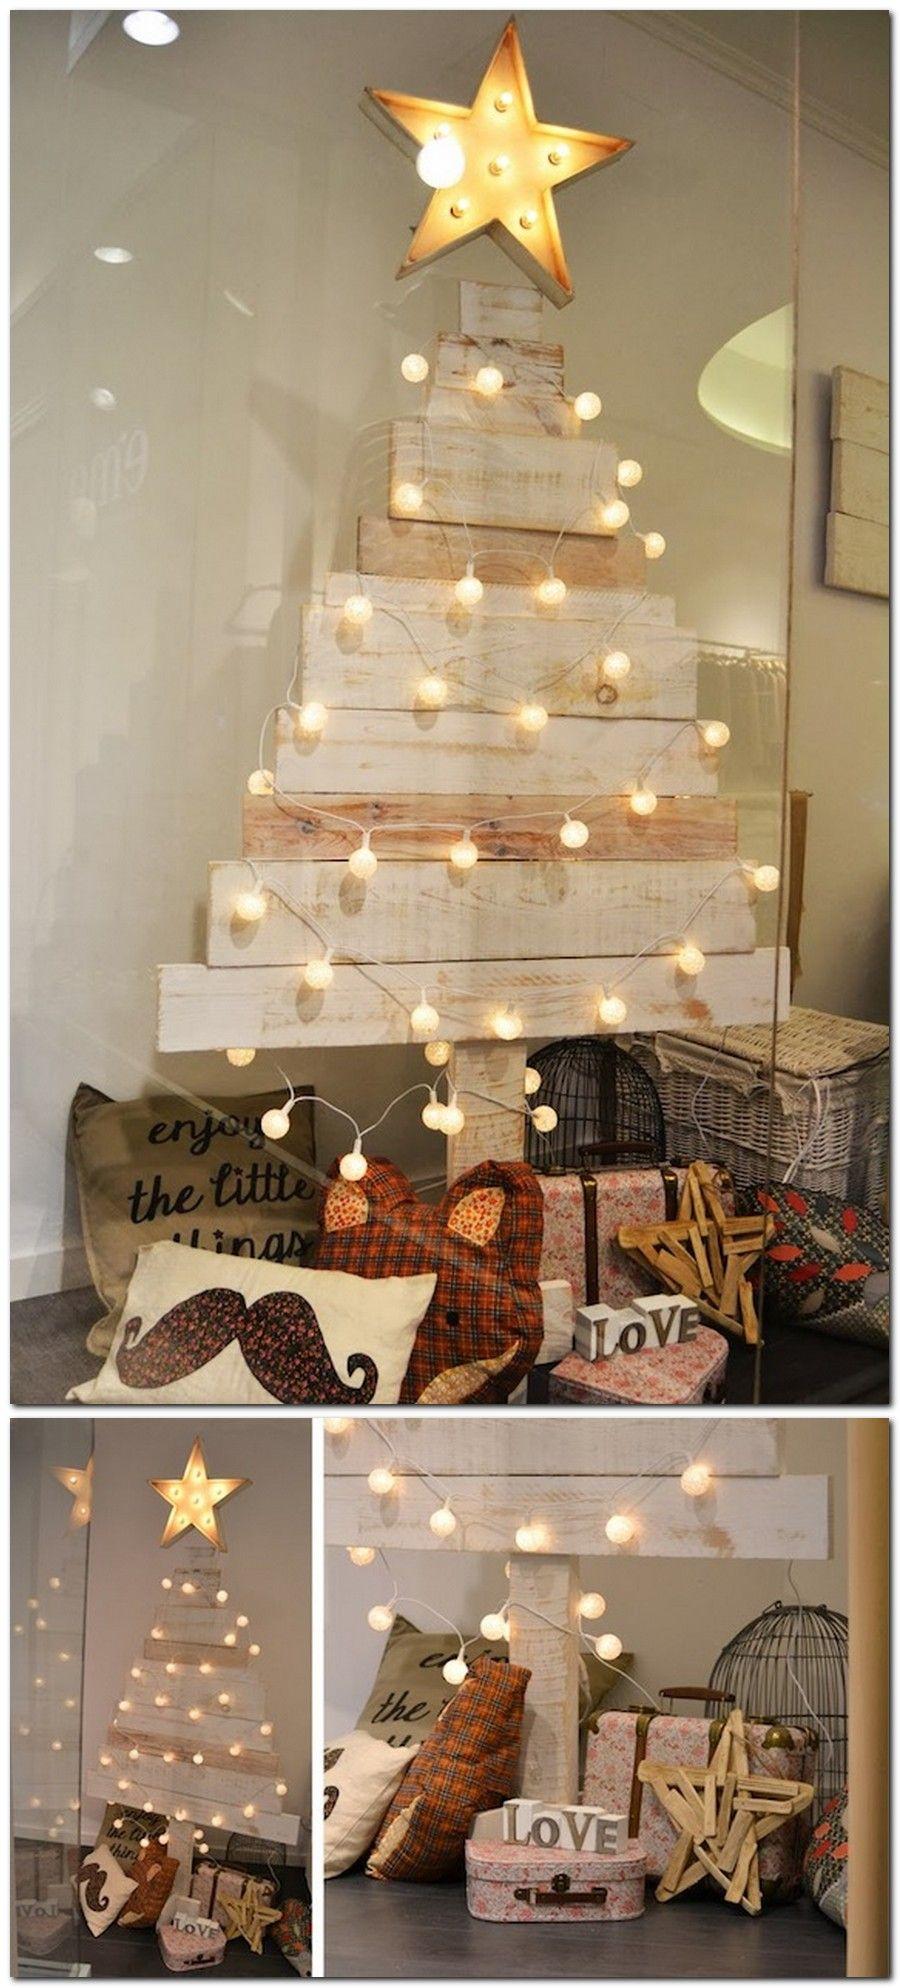 Christmas windows in eme a coru a by la factoria - La factoria plastica ...